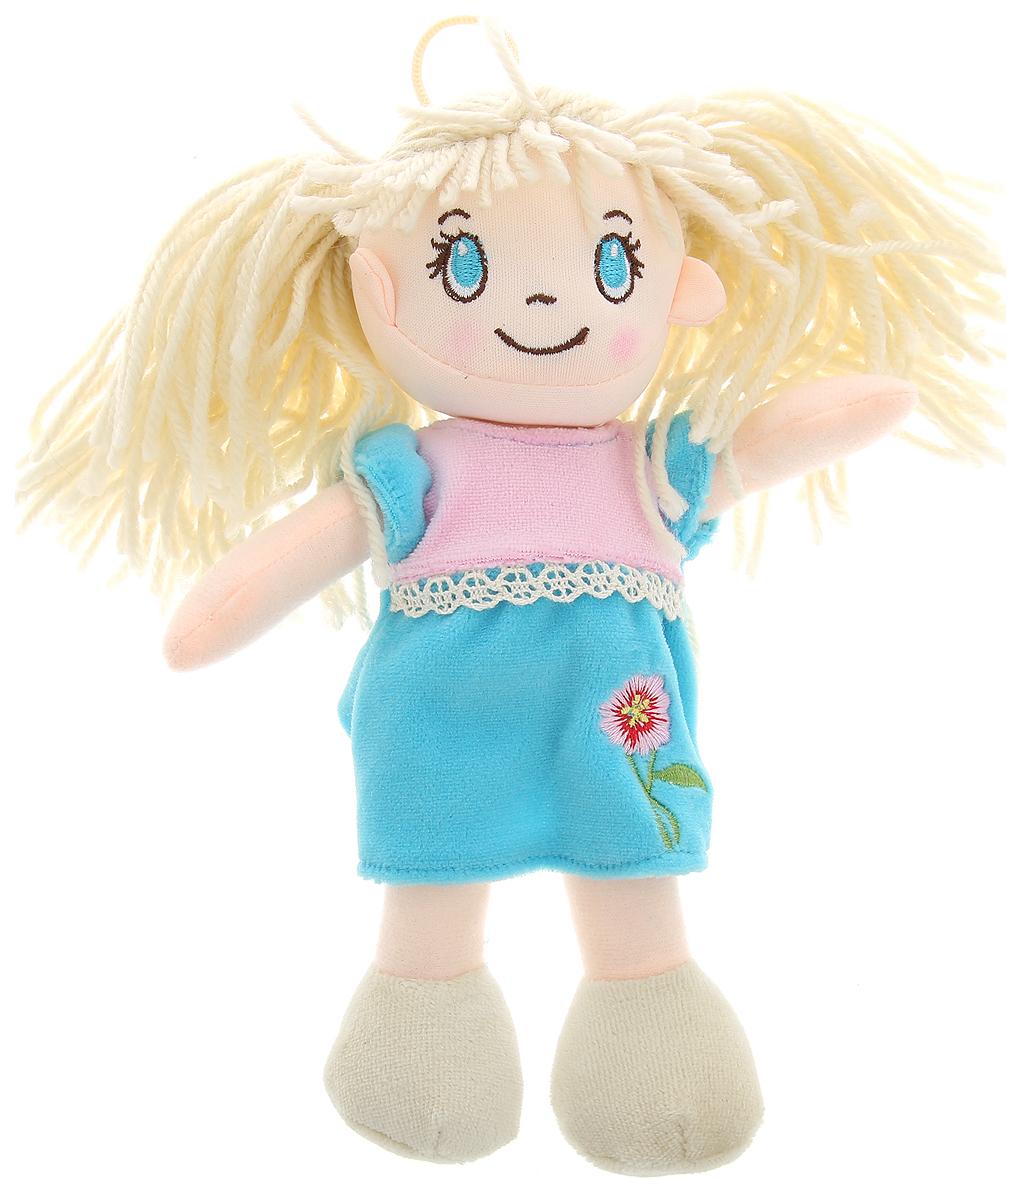 Купить Кукла мягконабивная, 20 см (в розово-голубом платье), ABtoys, Классические куклы